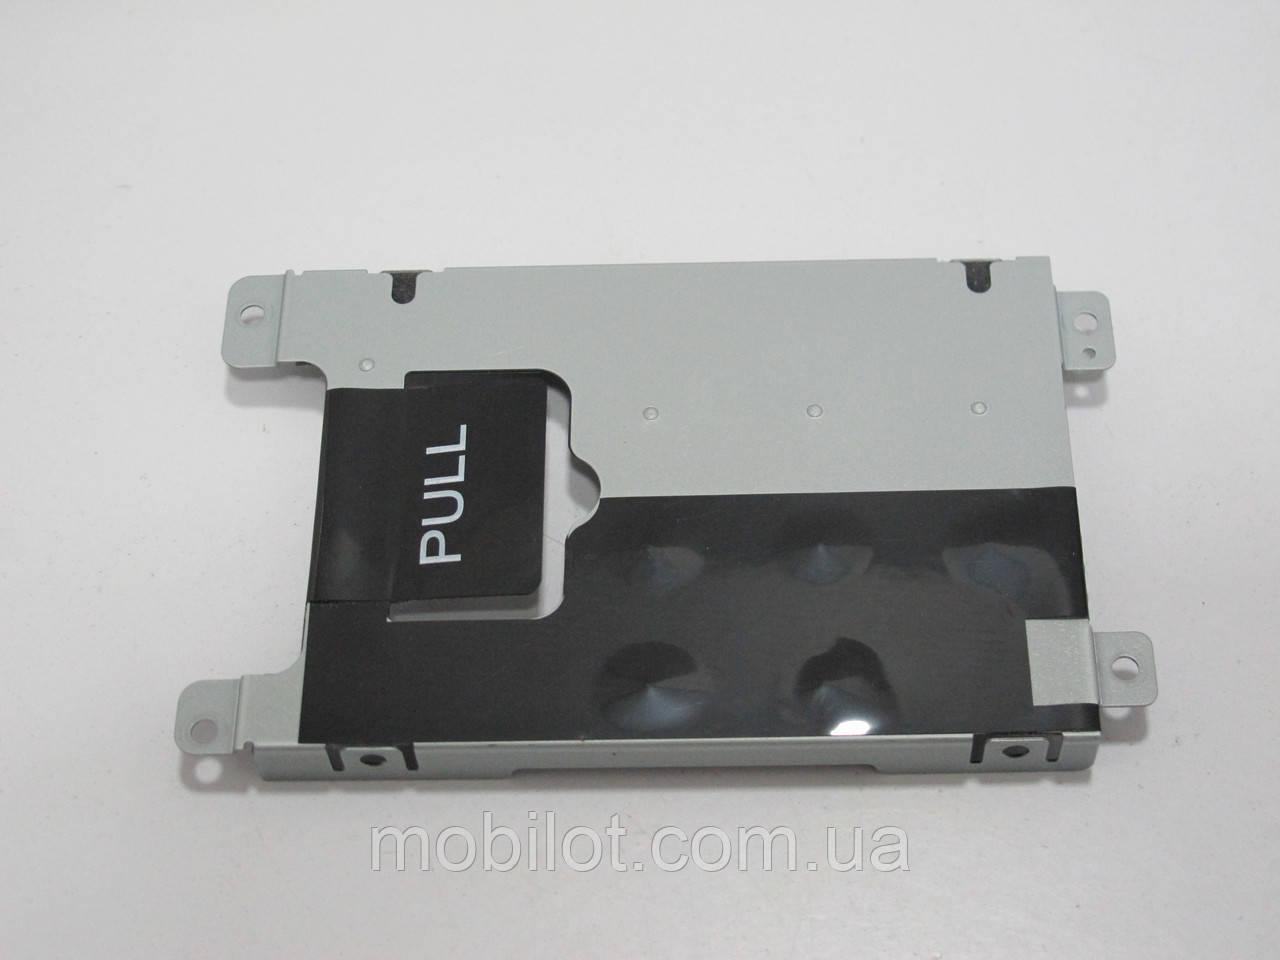 Корпус (карман, корзина, крепление) для HDD Samsung RV408 (NZ-5366)&nb